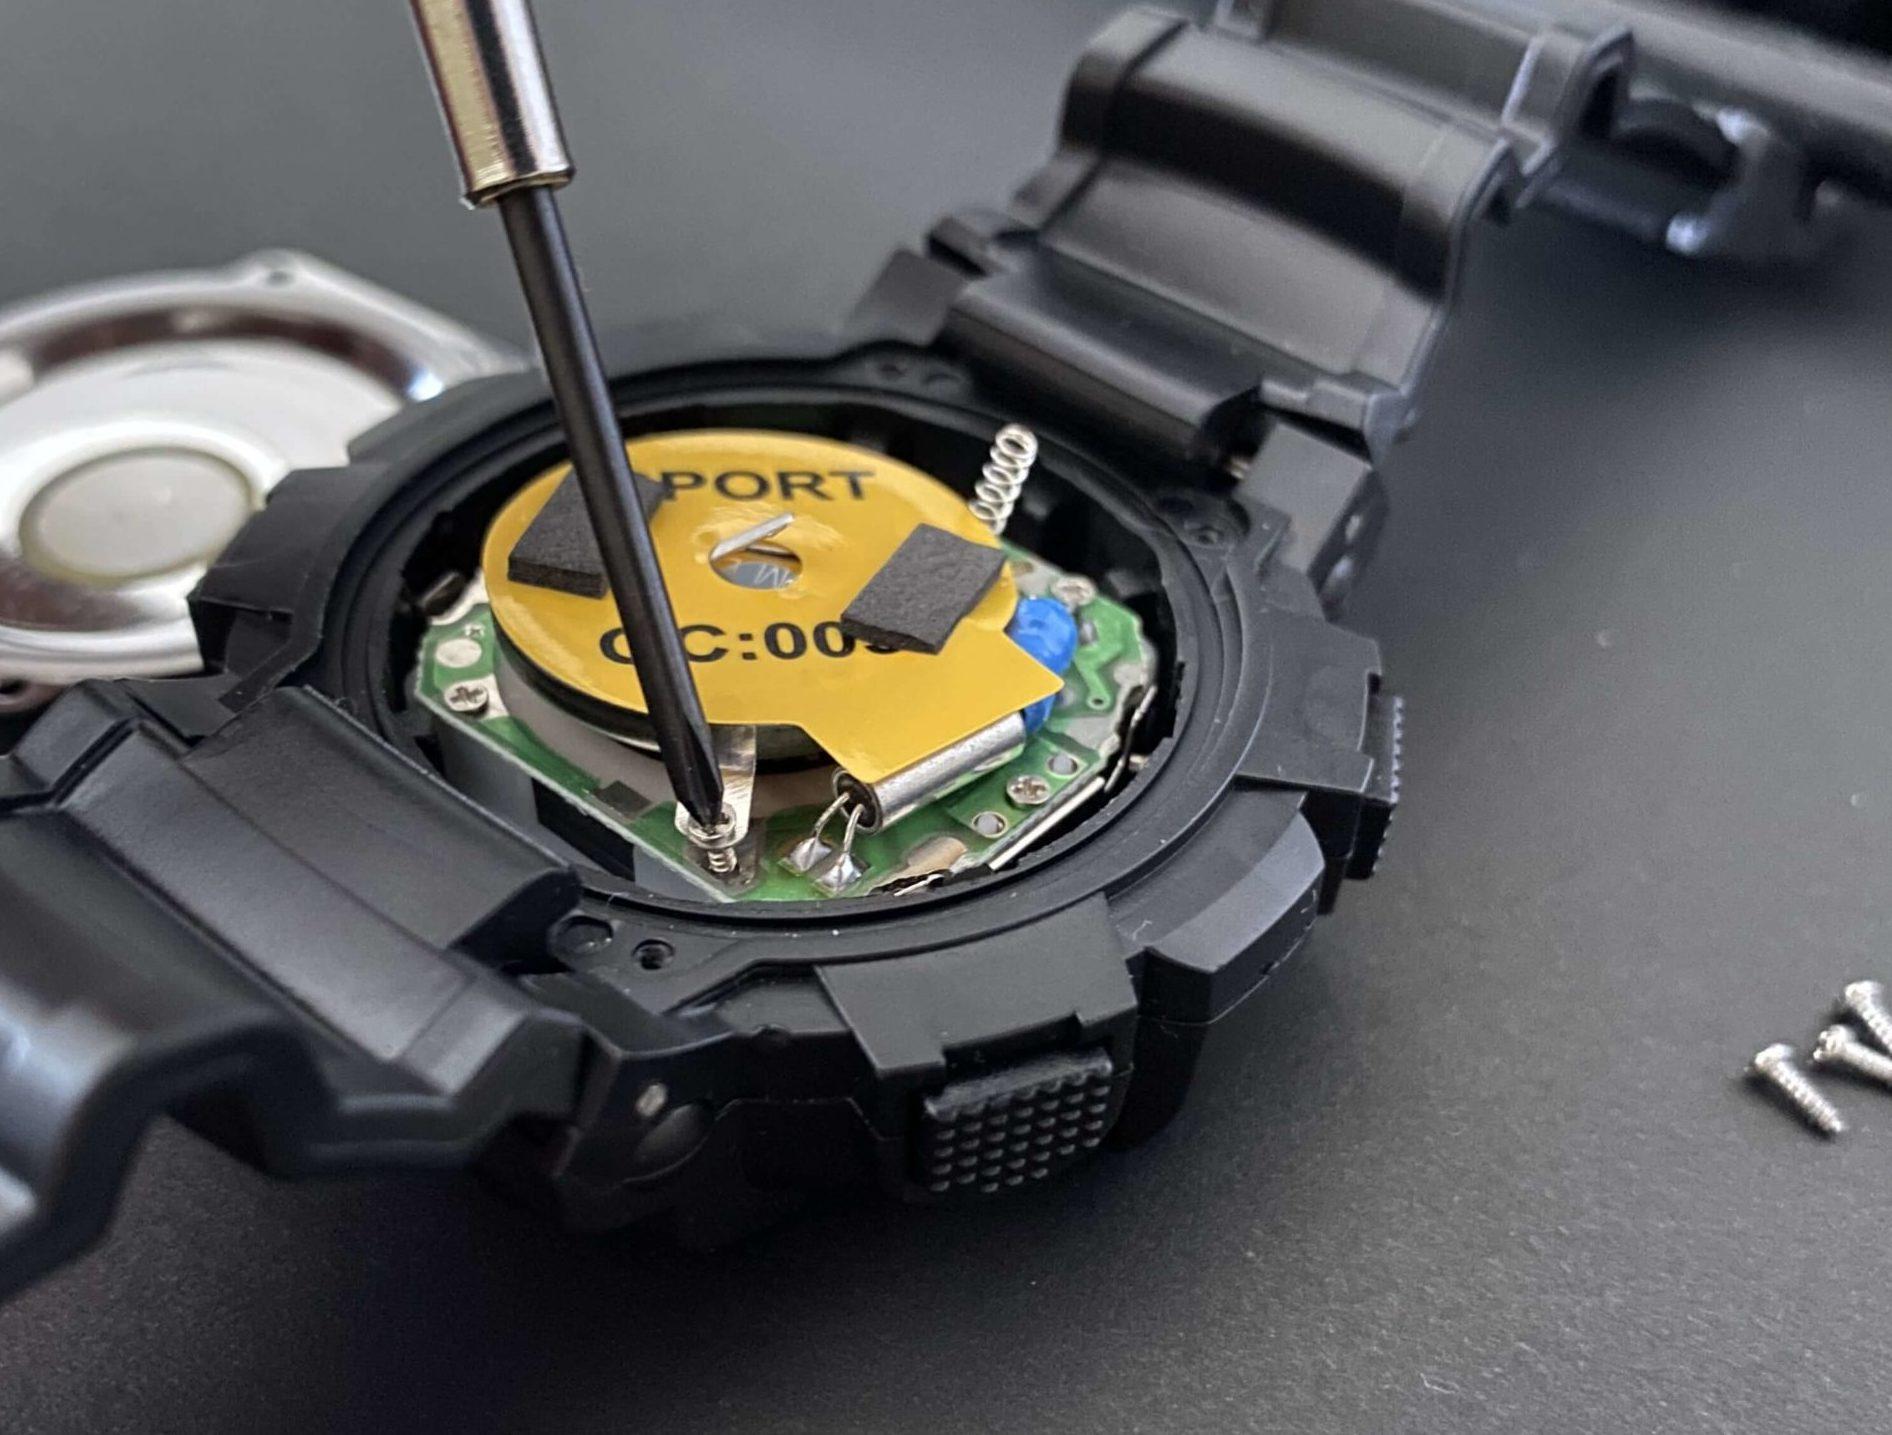 ダイソー腕時計の中からCR2032電池を取り出す